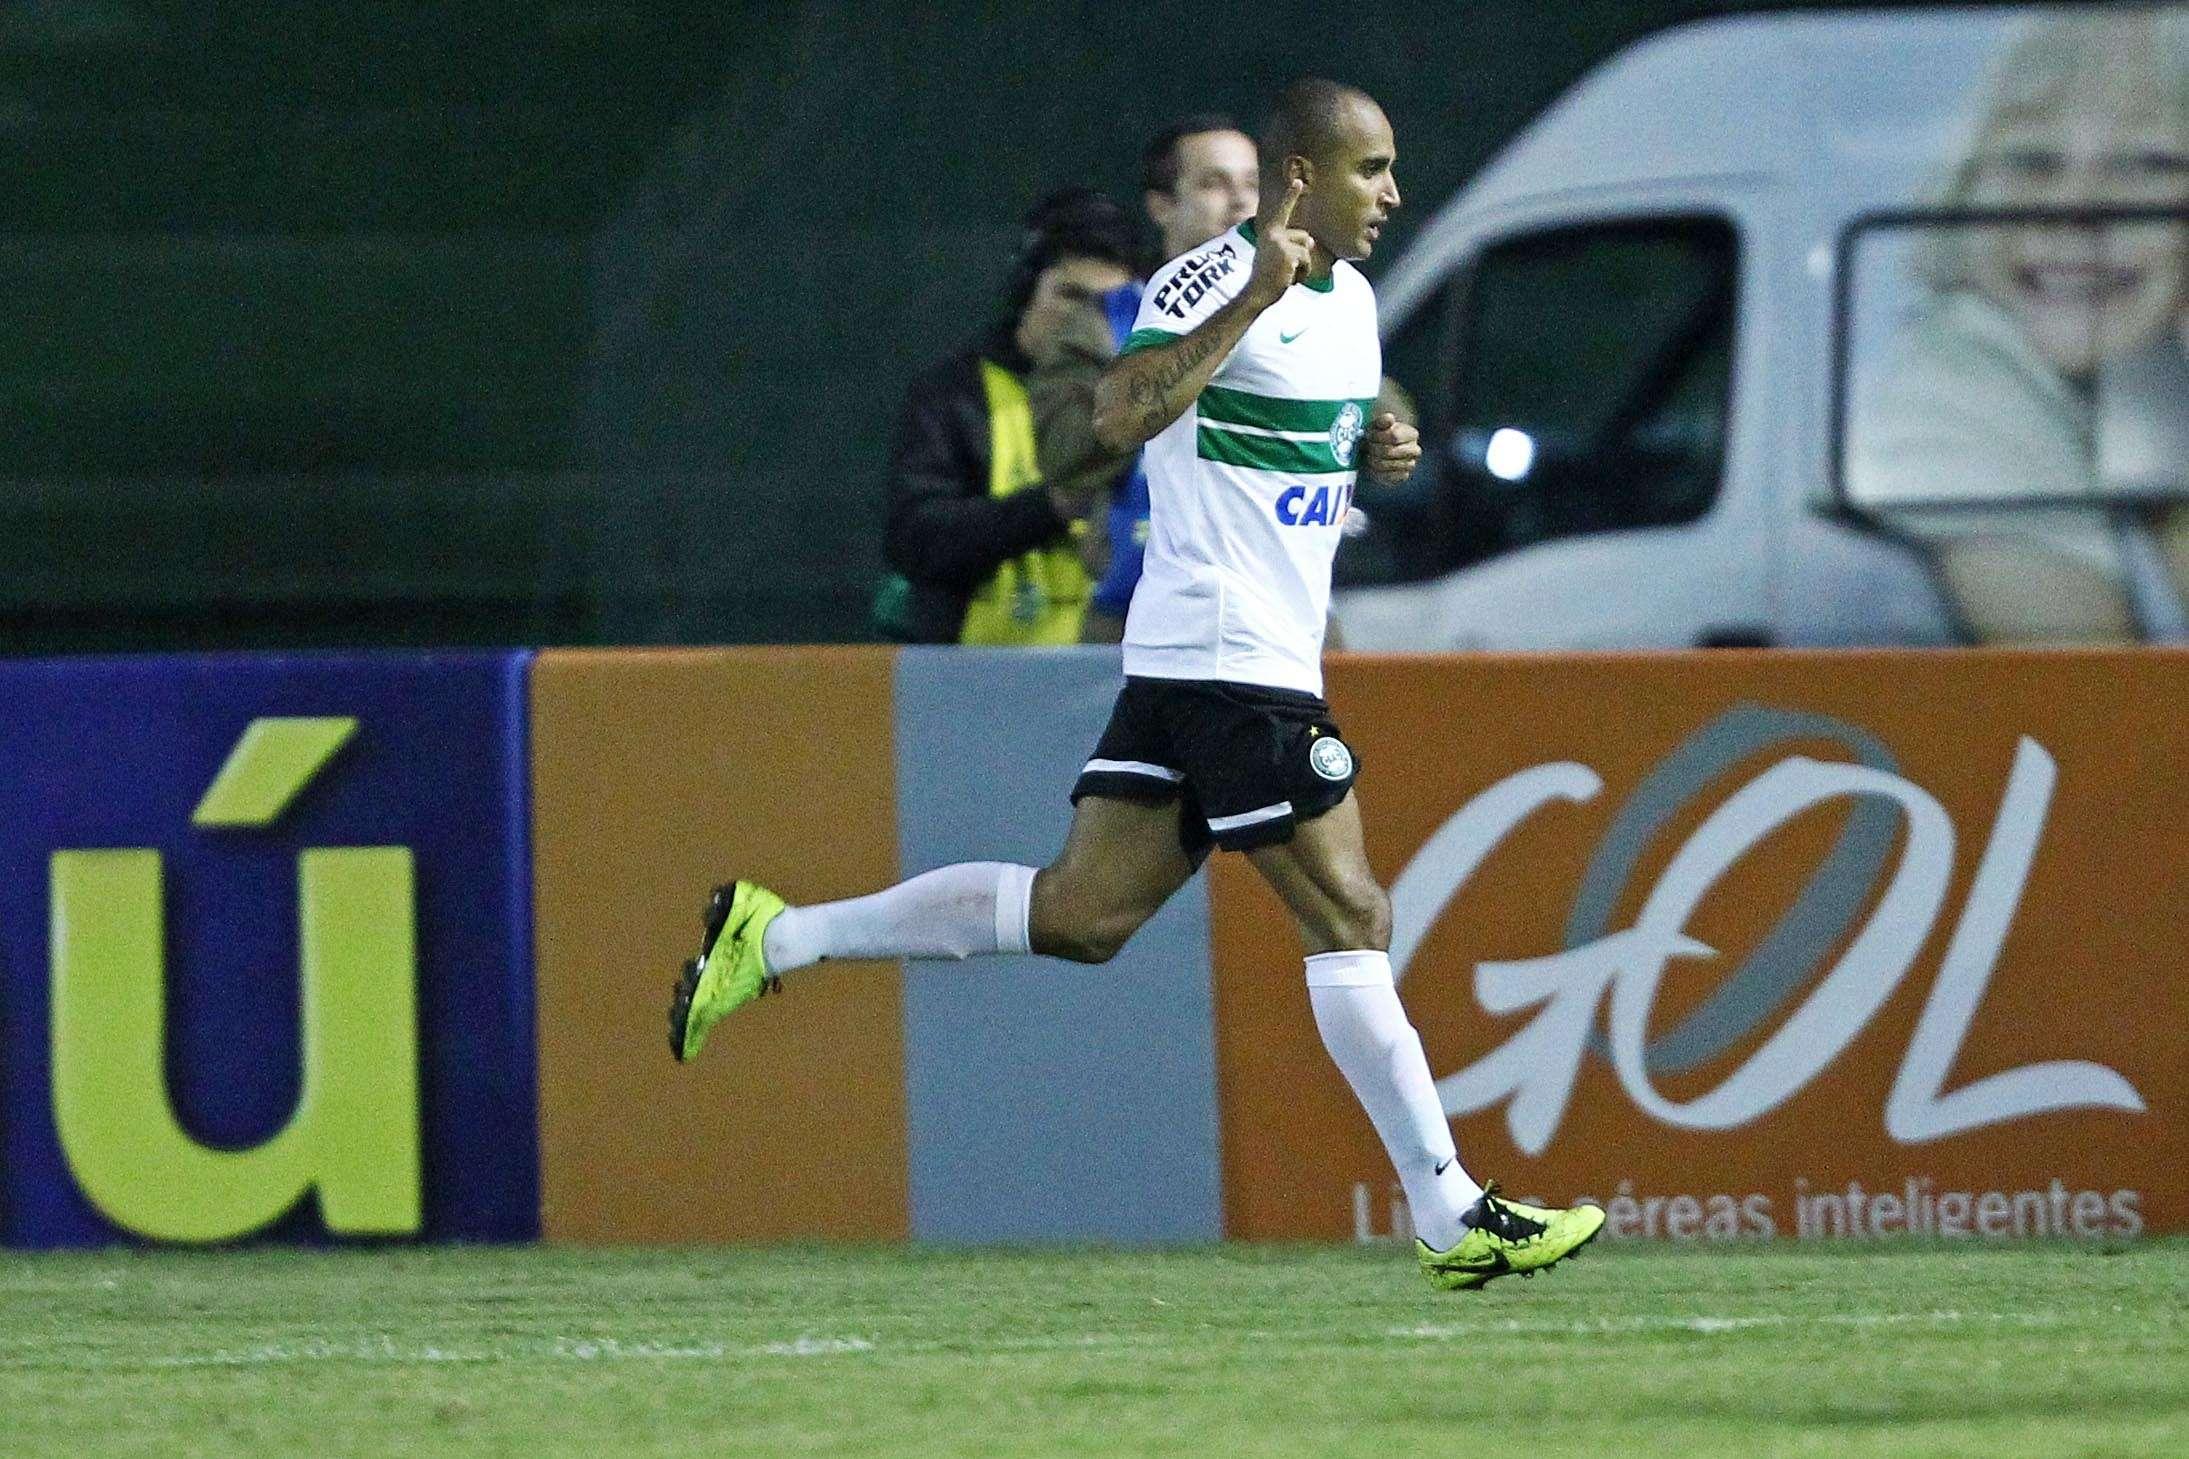 Deivid festeja gol de empate do Coritiba em vitória de virada sobre o Atlético-MG Foto: Heuler Andrey/Agif/Gazeta Press